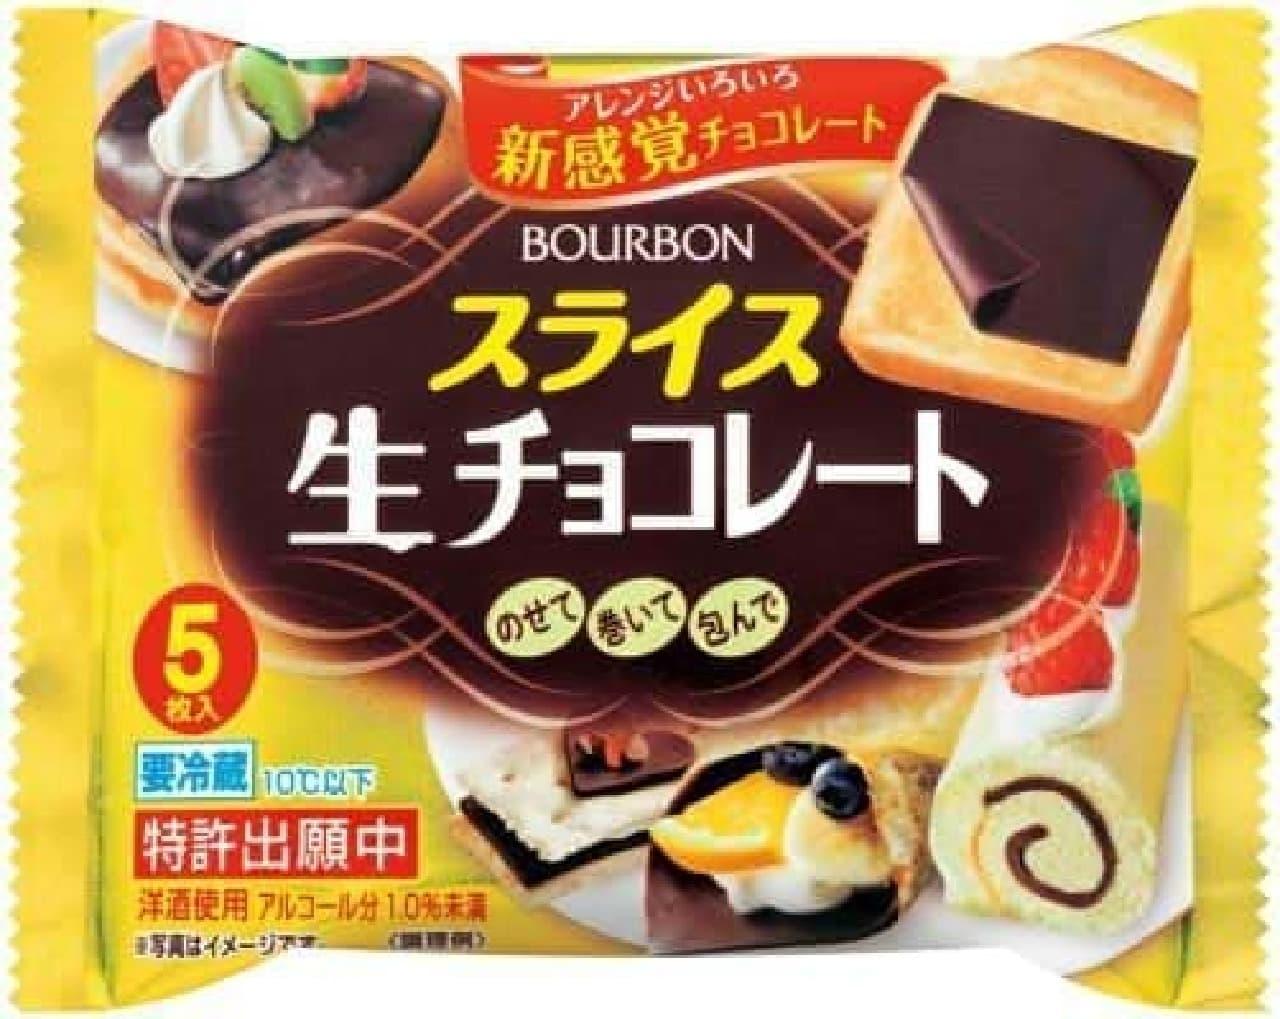 「スライス生チョコレート」登場!